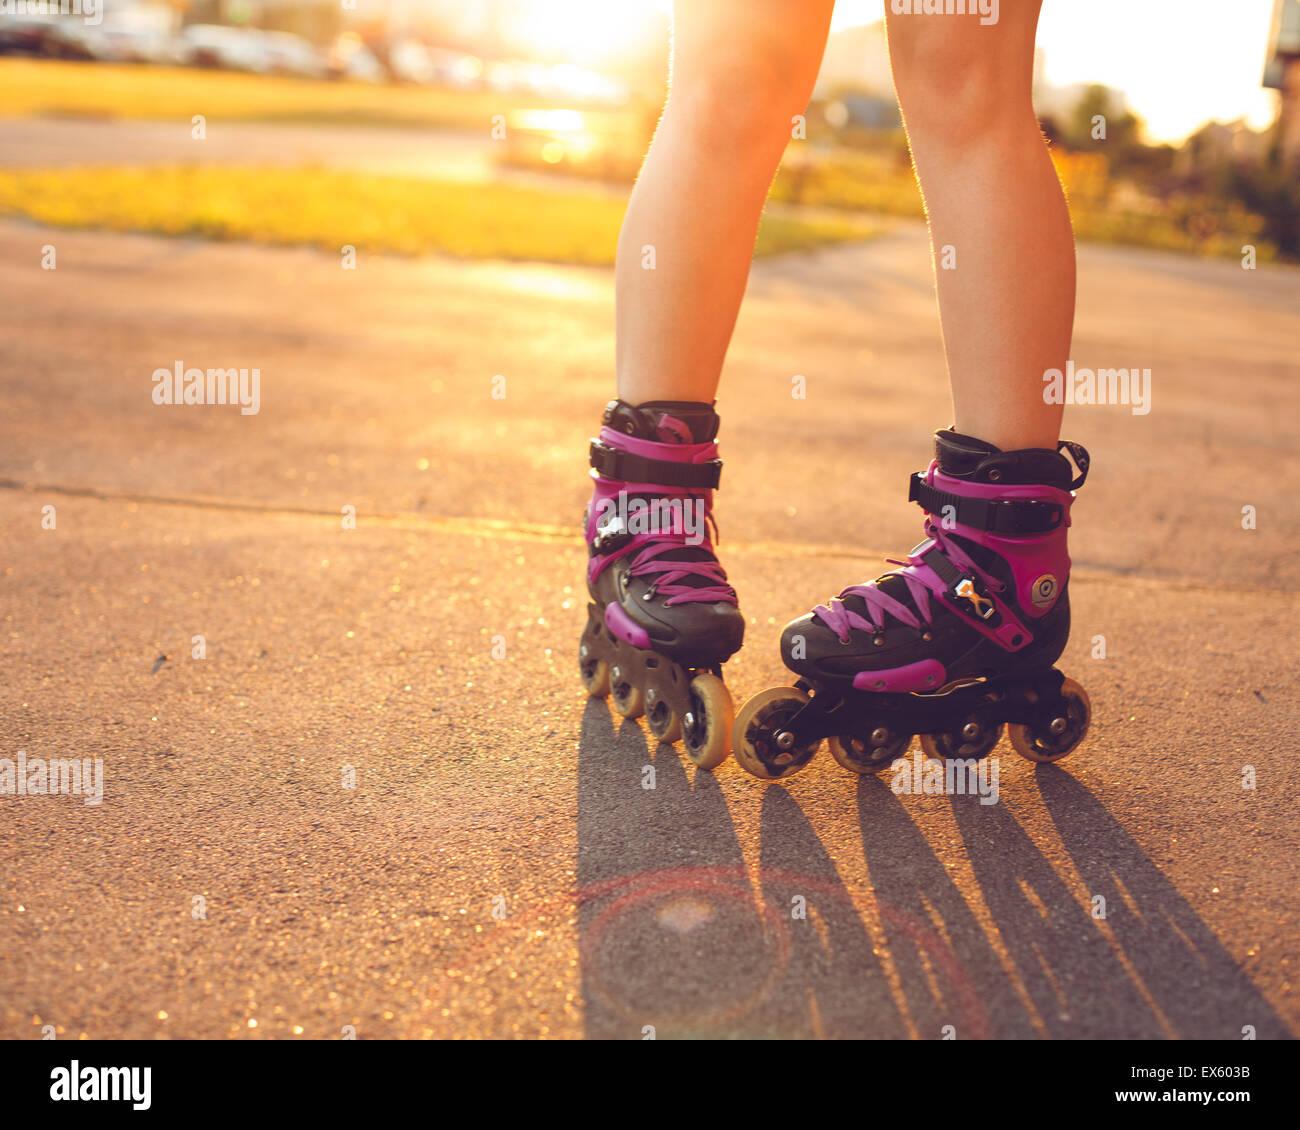 Roller Skateschuhe hautnah Stockbild